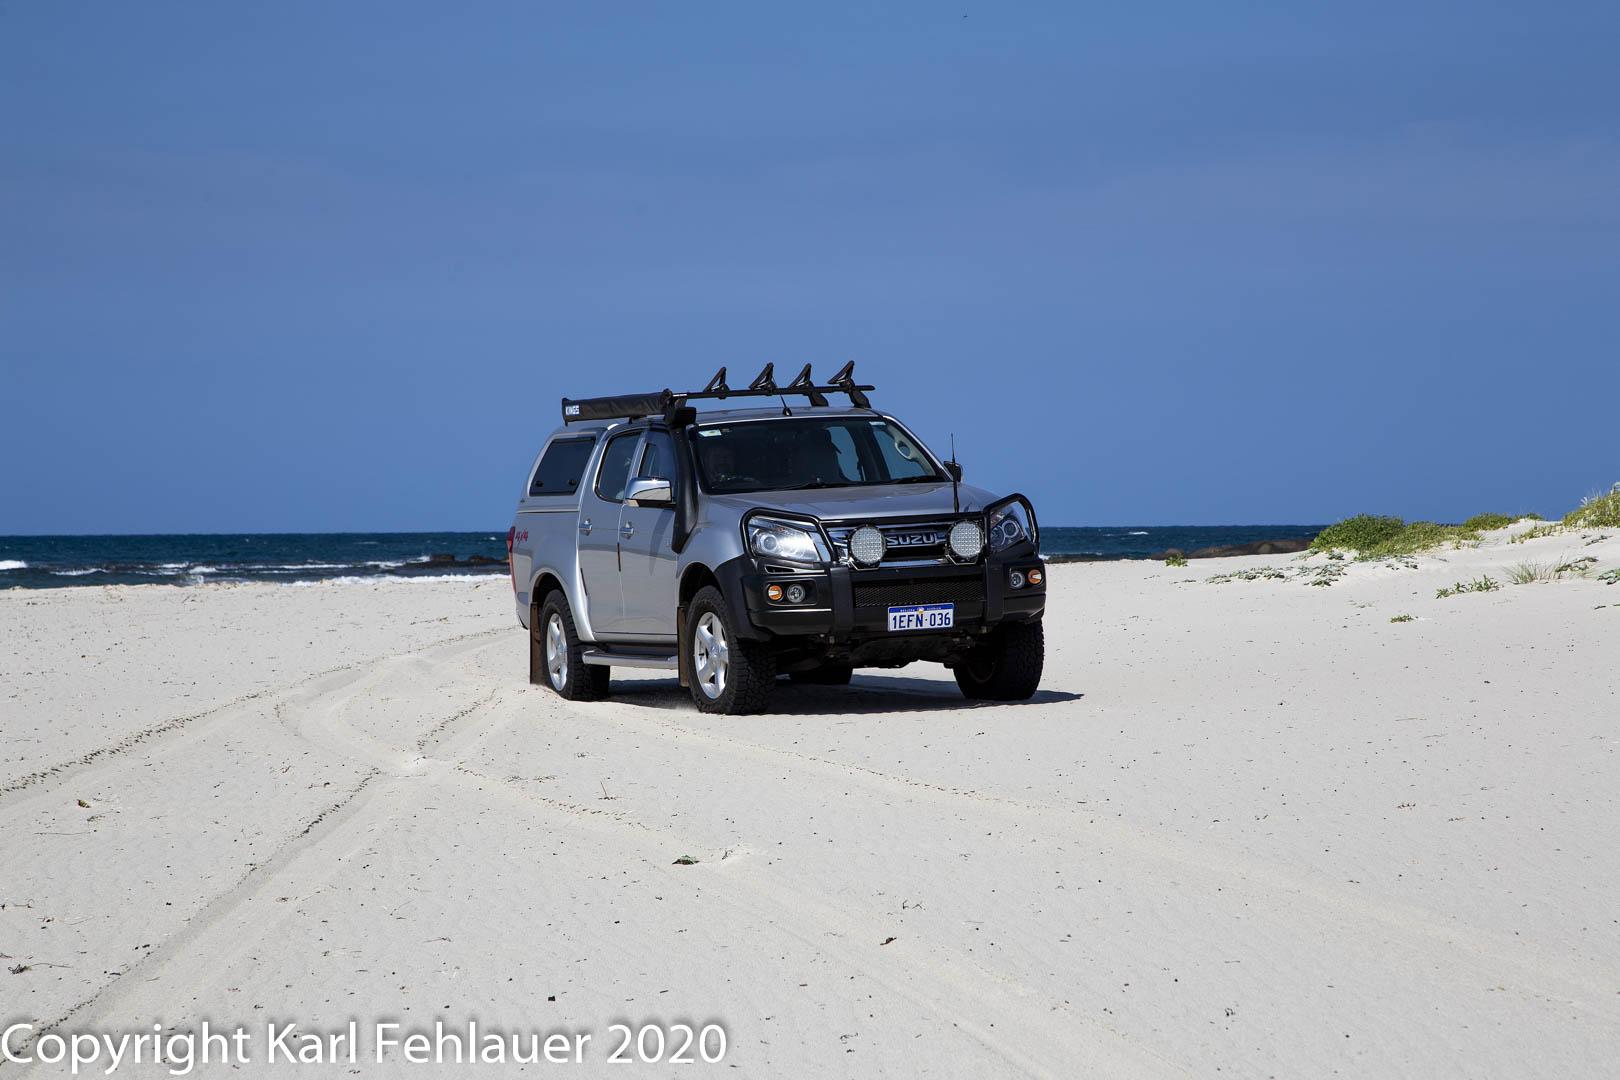 2020-02-11 4WD - 007-Edit.jpg